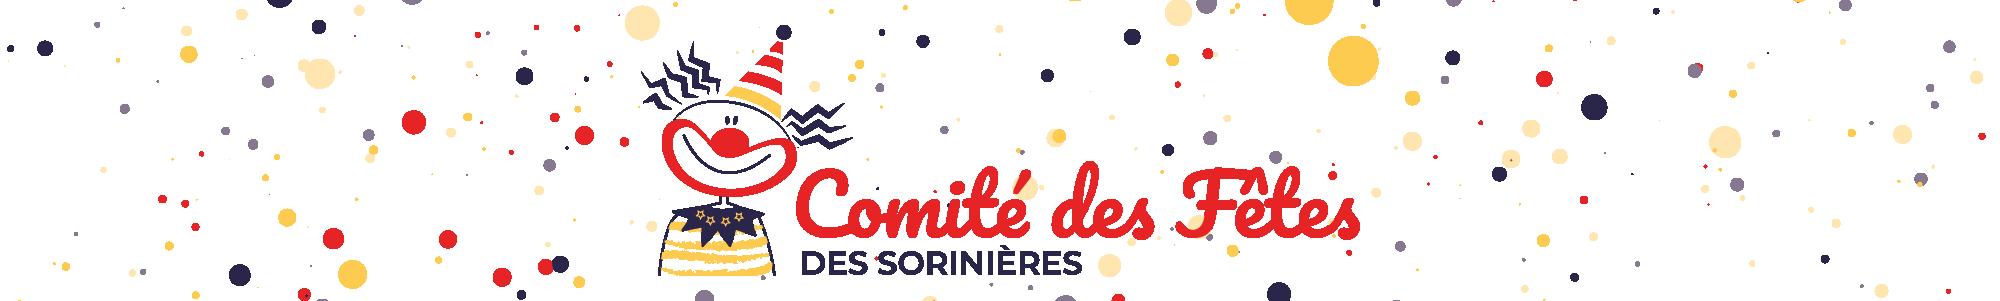 Comité des Fêtes des Sorinières